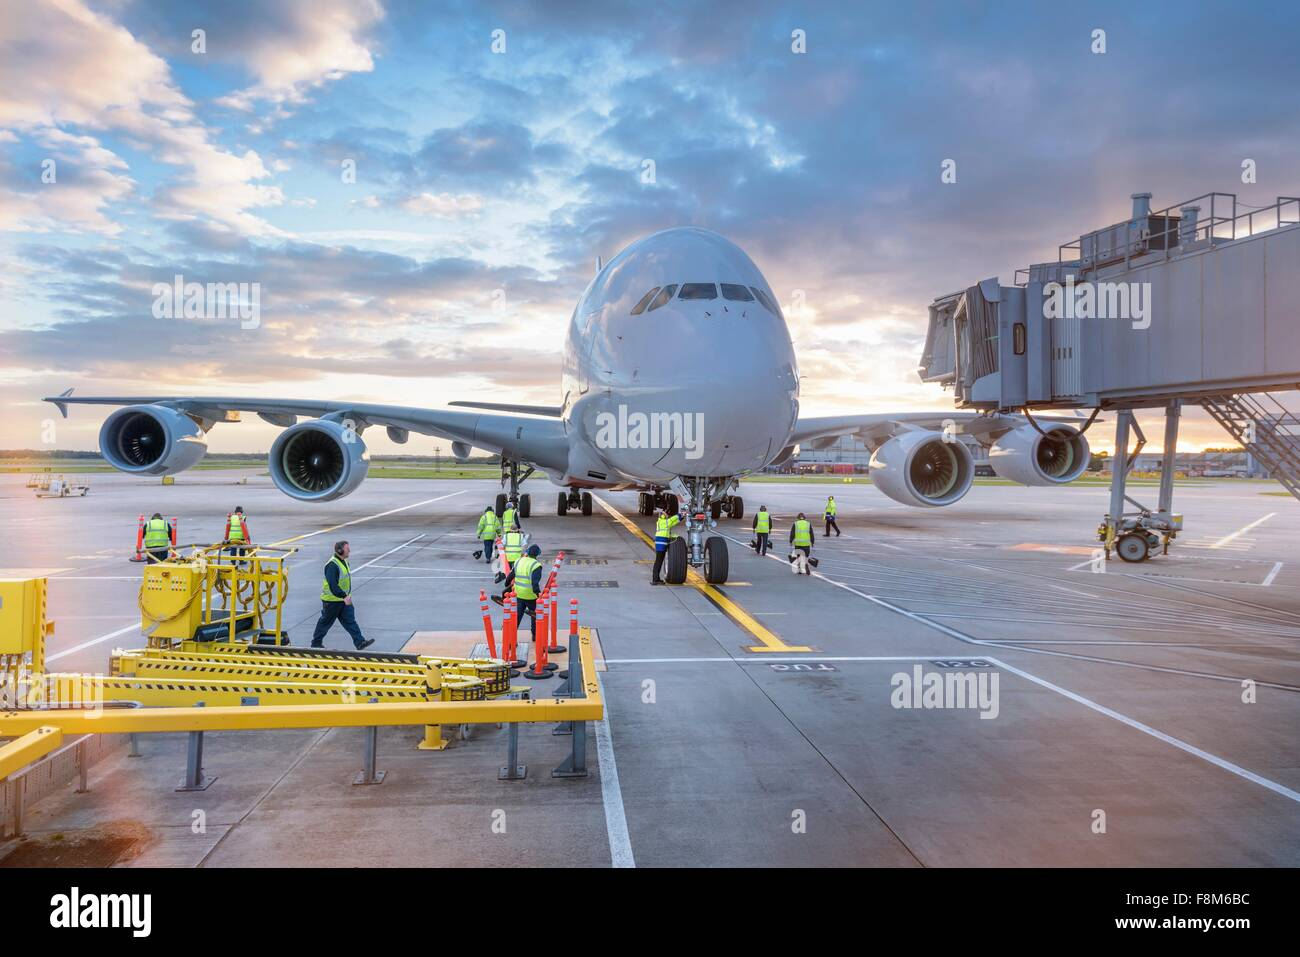 Ground Crew asistiendo a aviones A380 en el aeropuerto Imagen De Stock